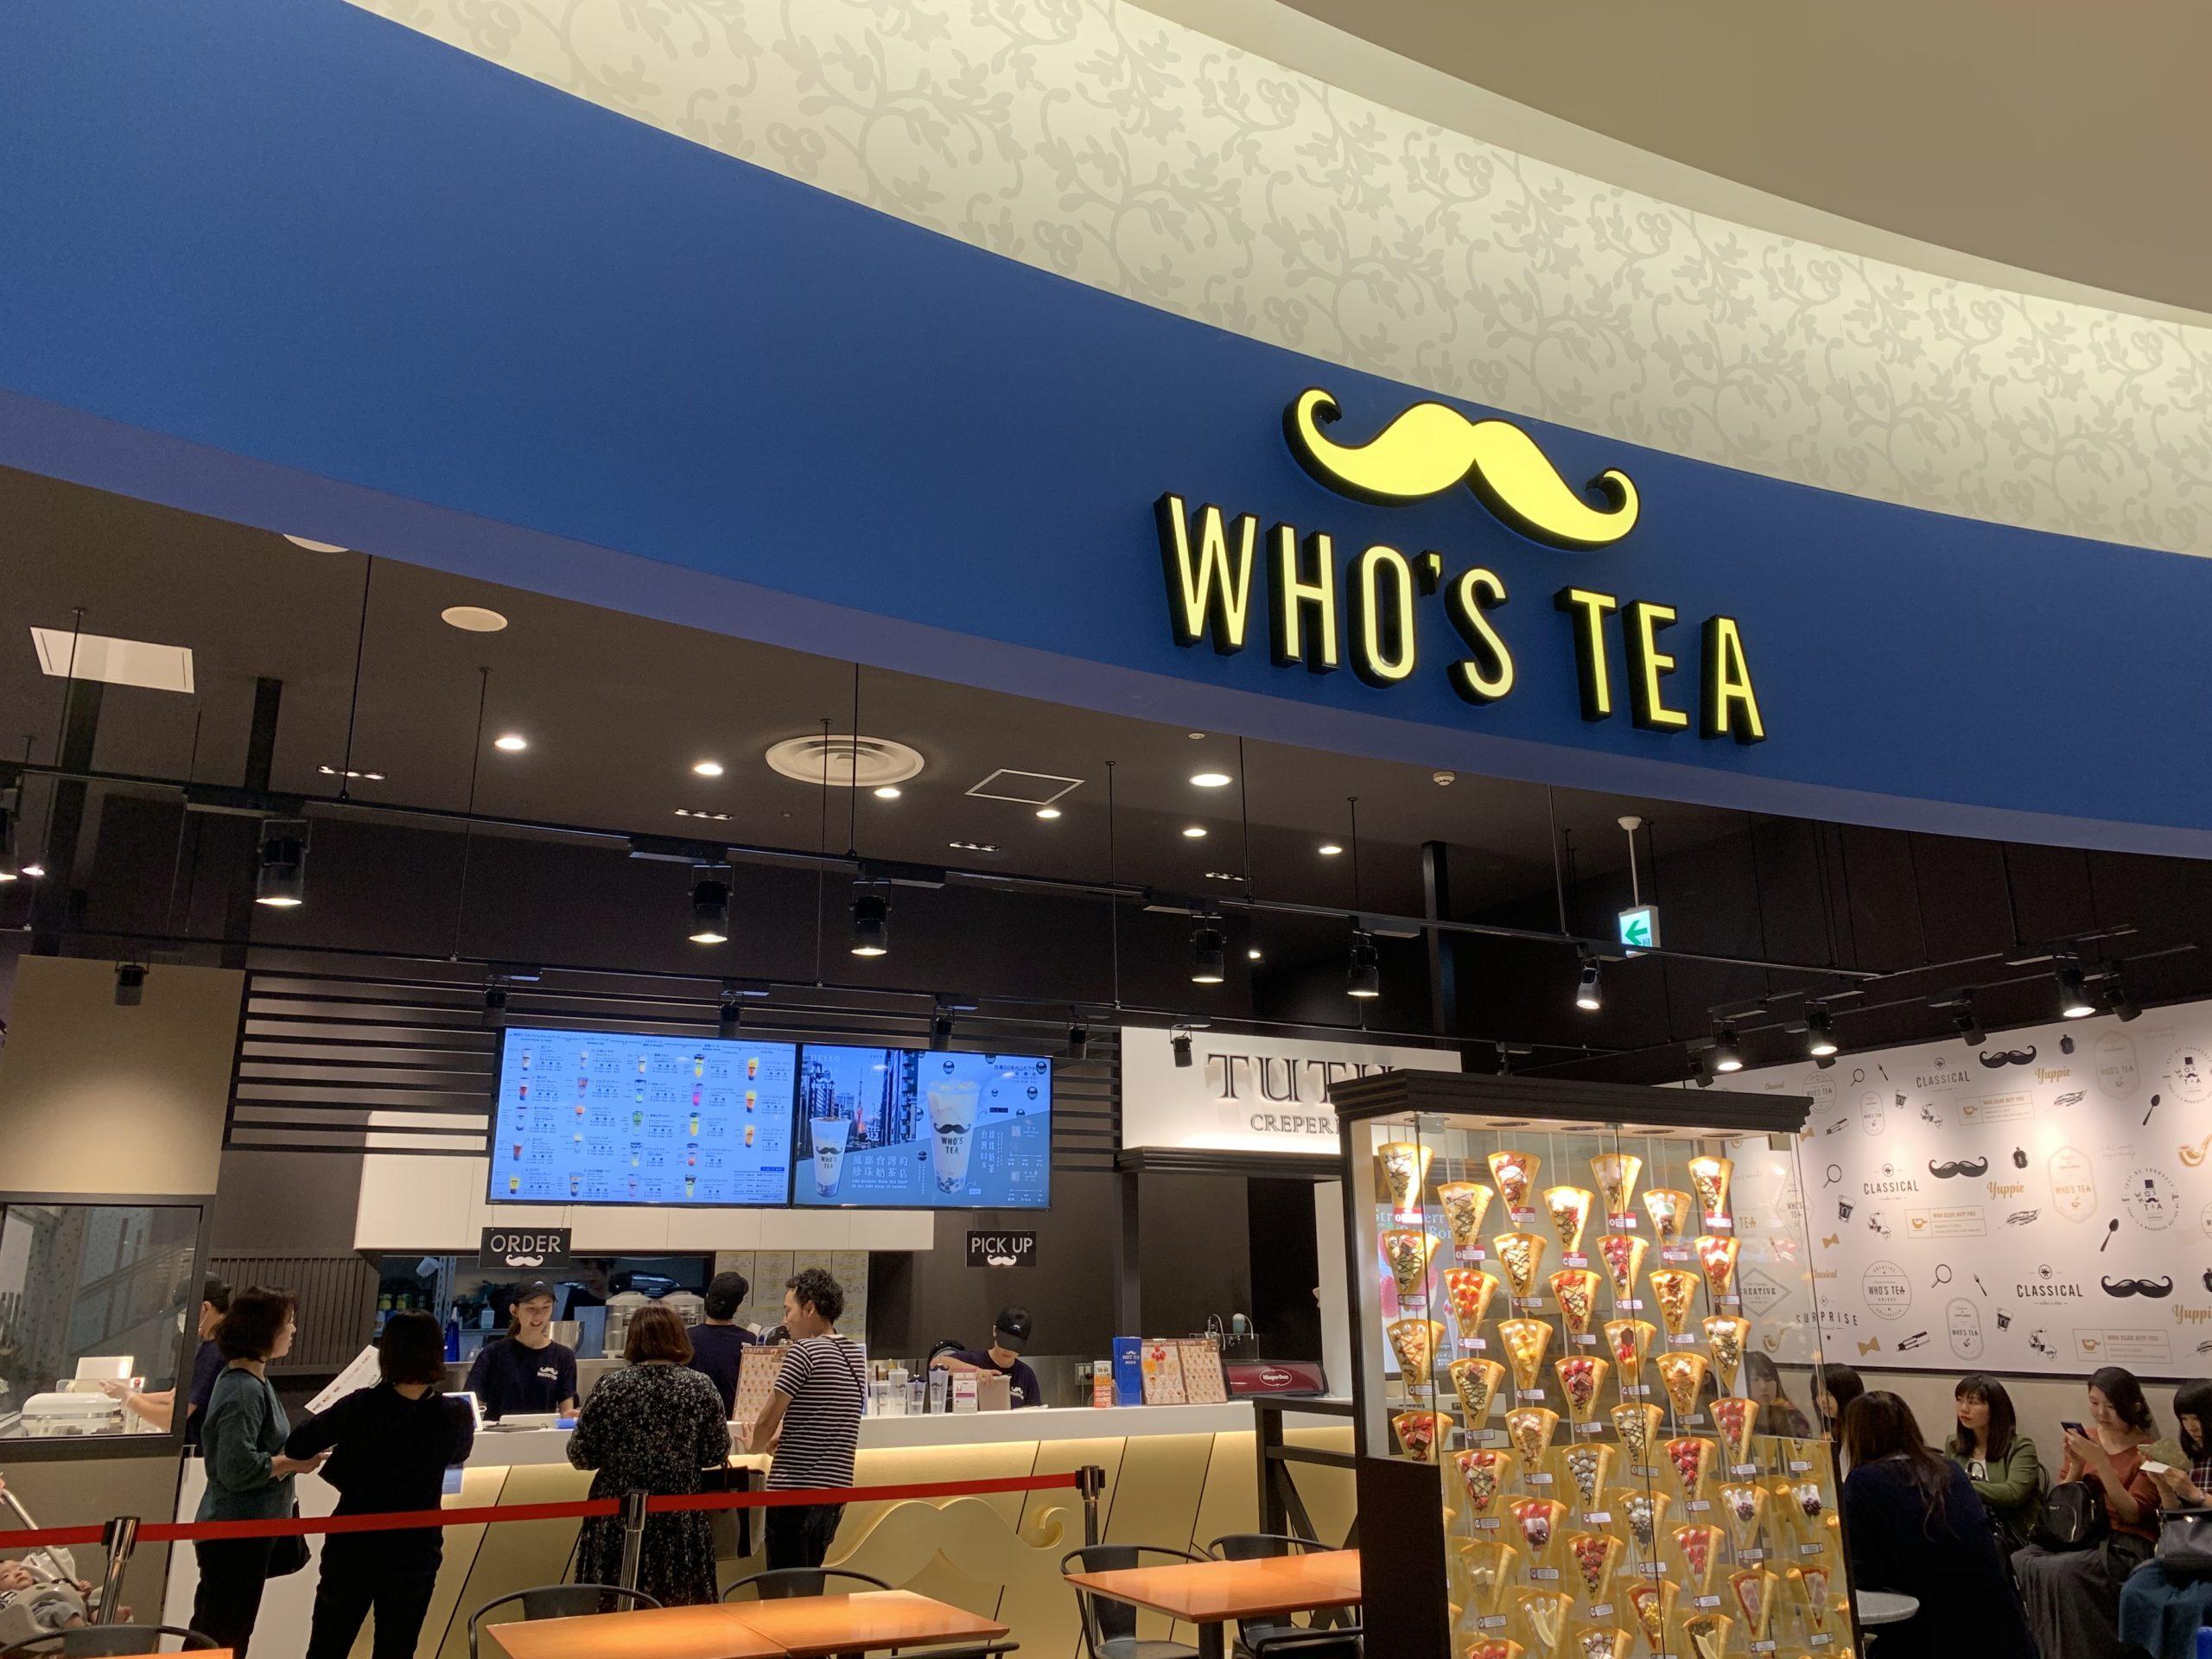 WHO'S TEA×TUTU